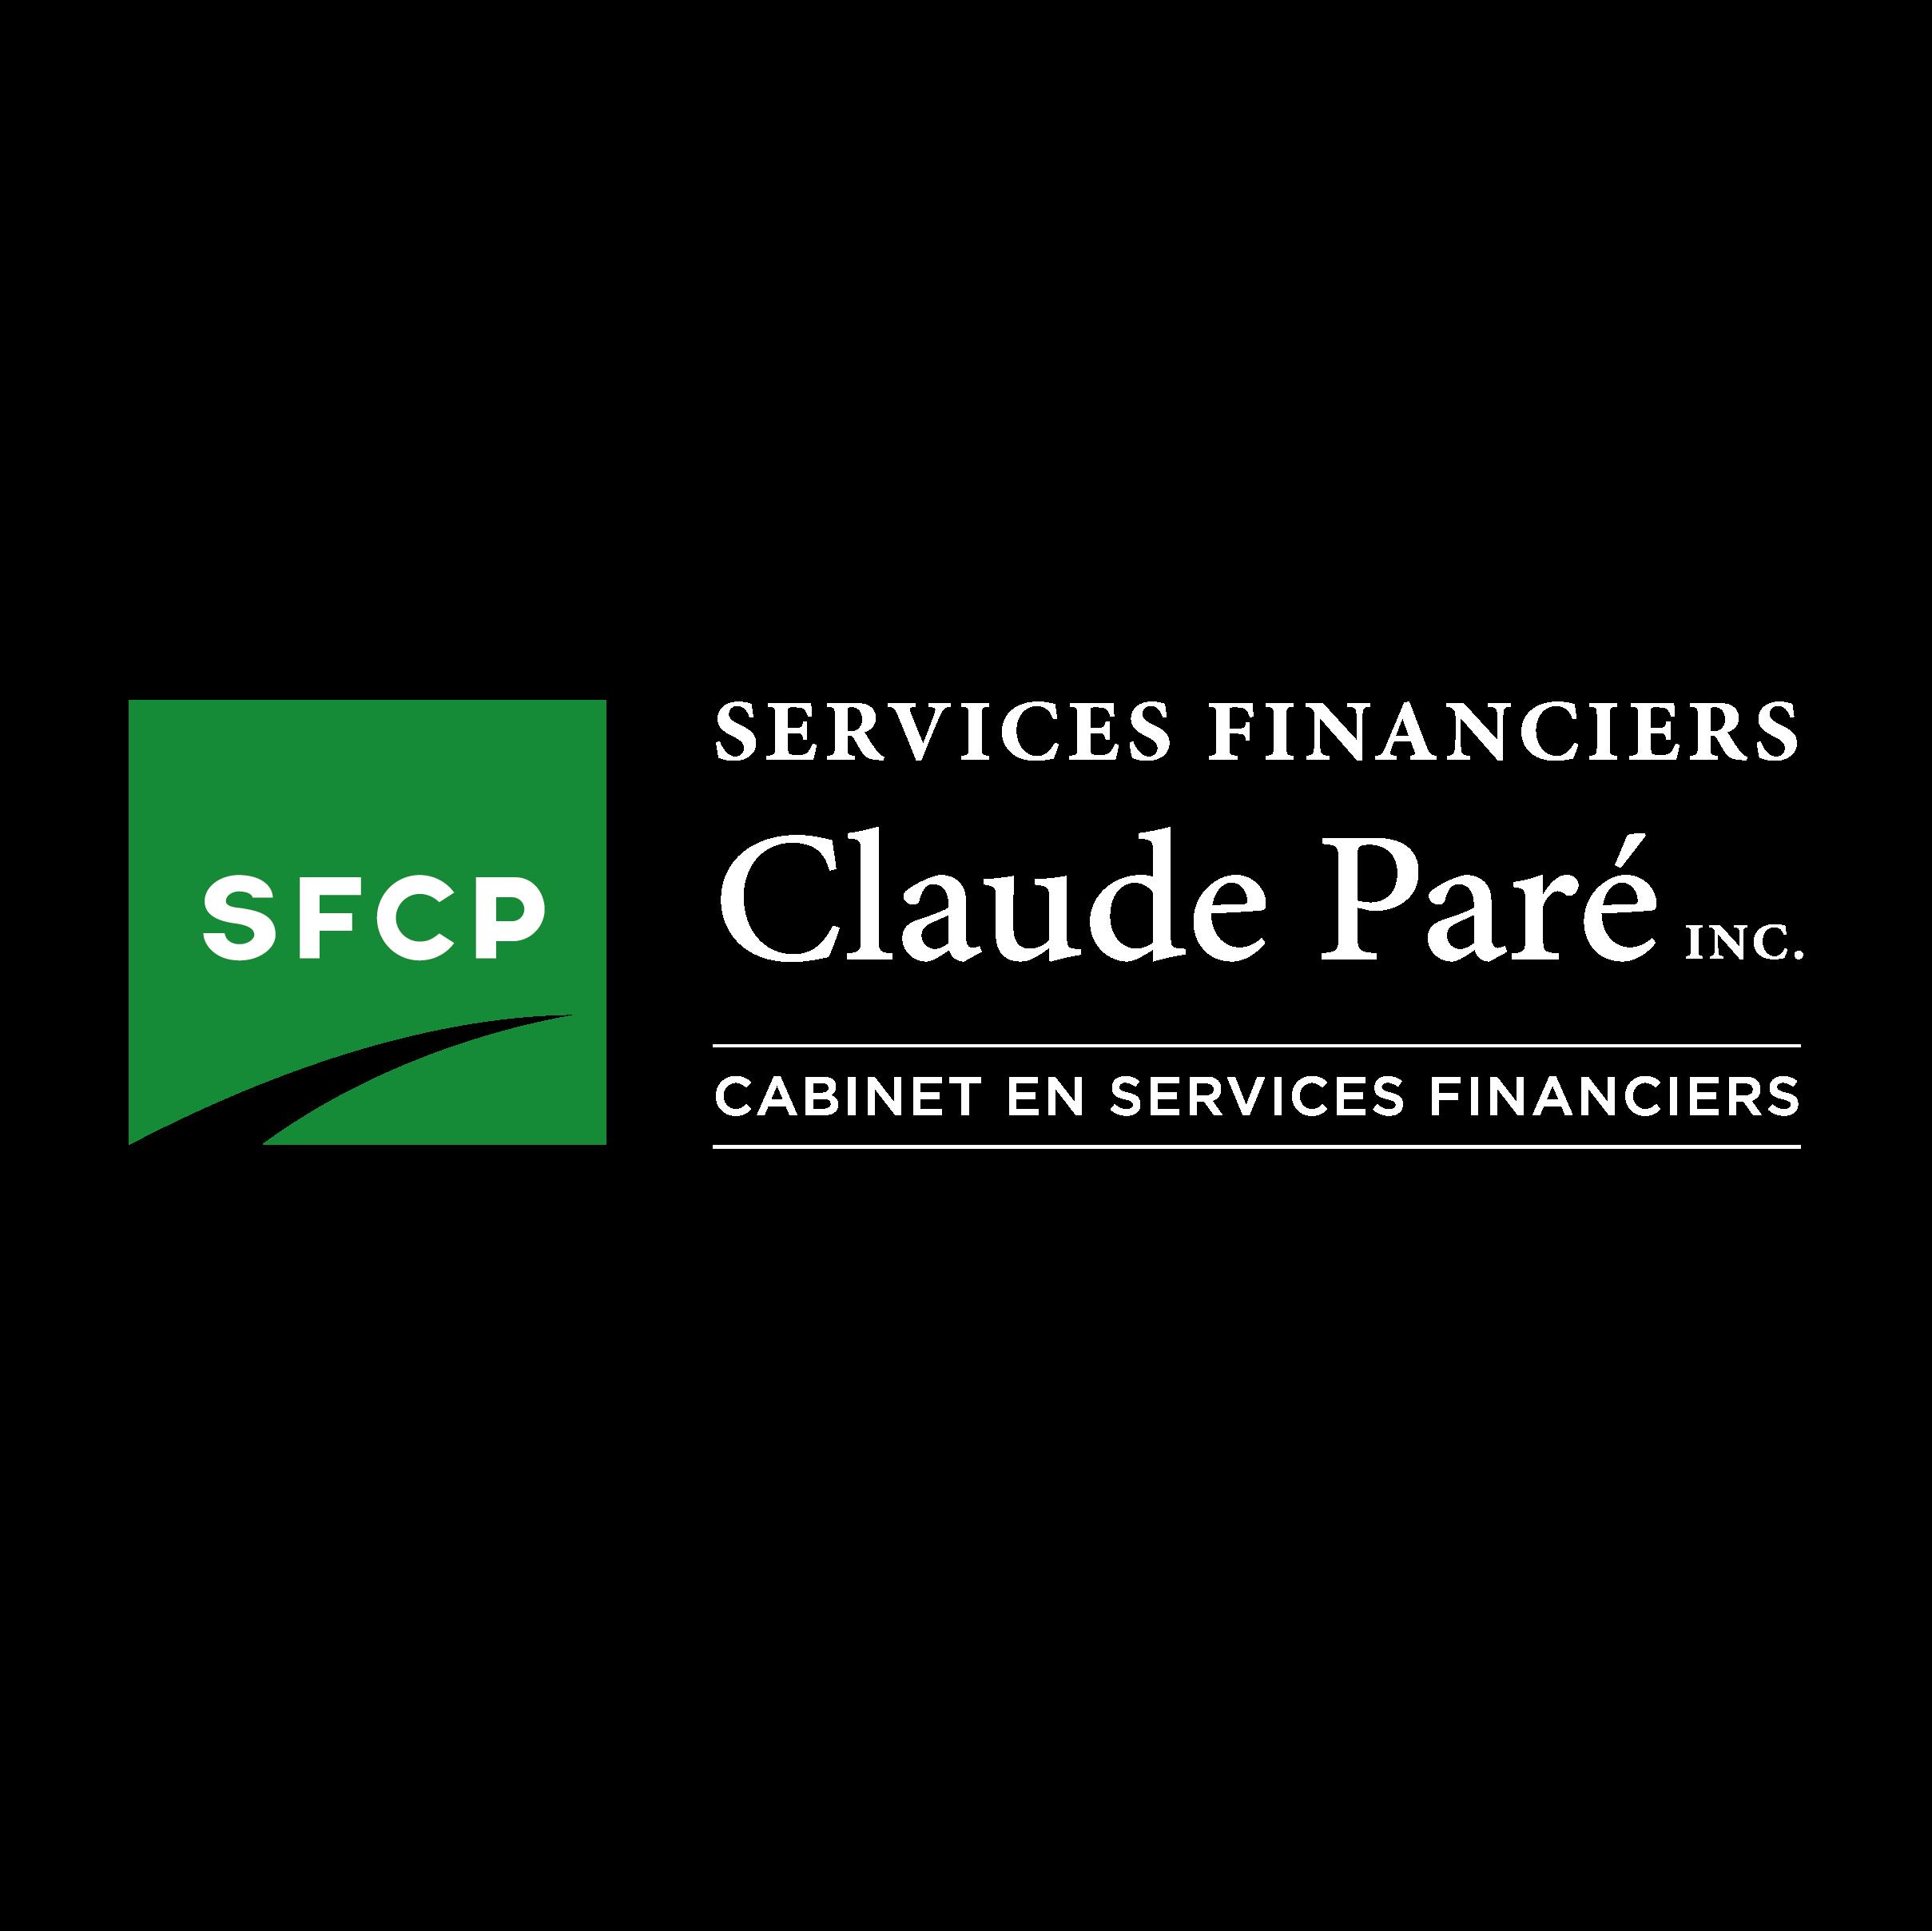 Services financiers Claude Paré inc.